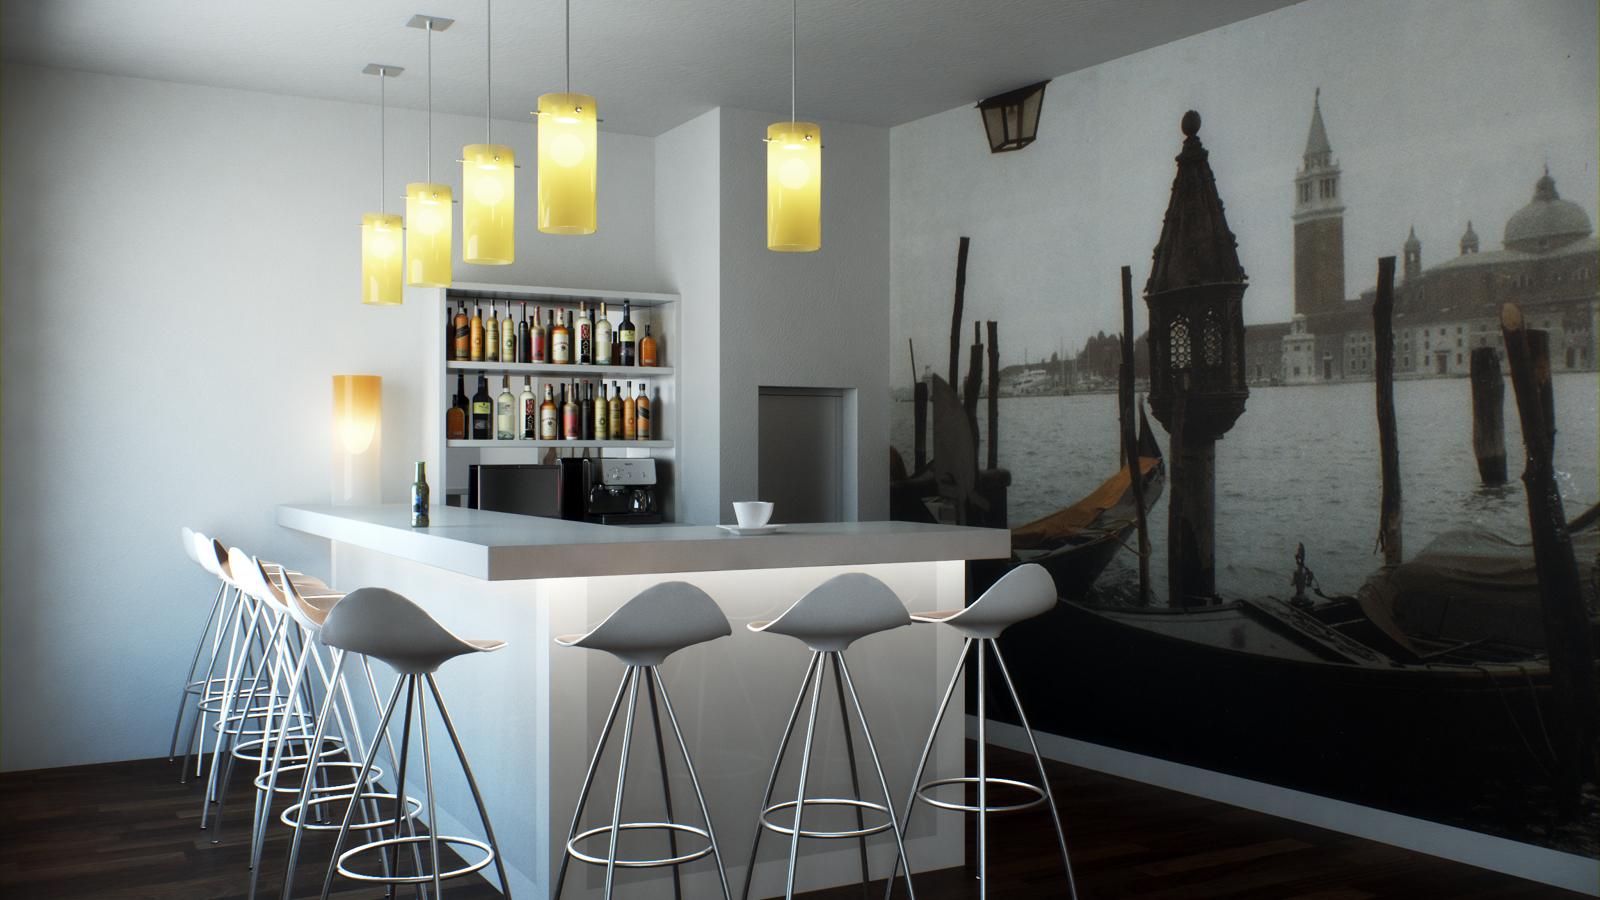 Foto restaurante mediterraneo de estudio 5s 281238 - Muebles arroyo ceuta ...